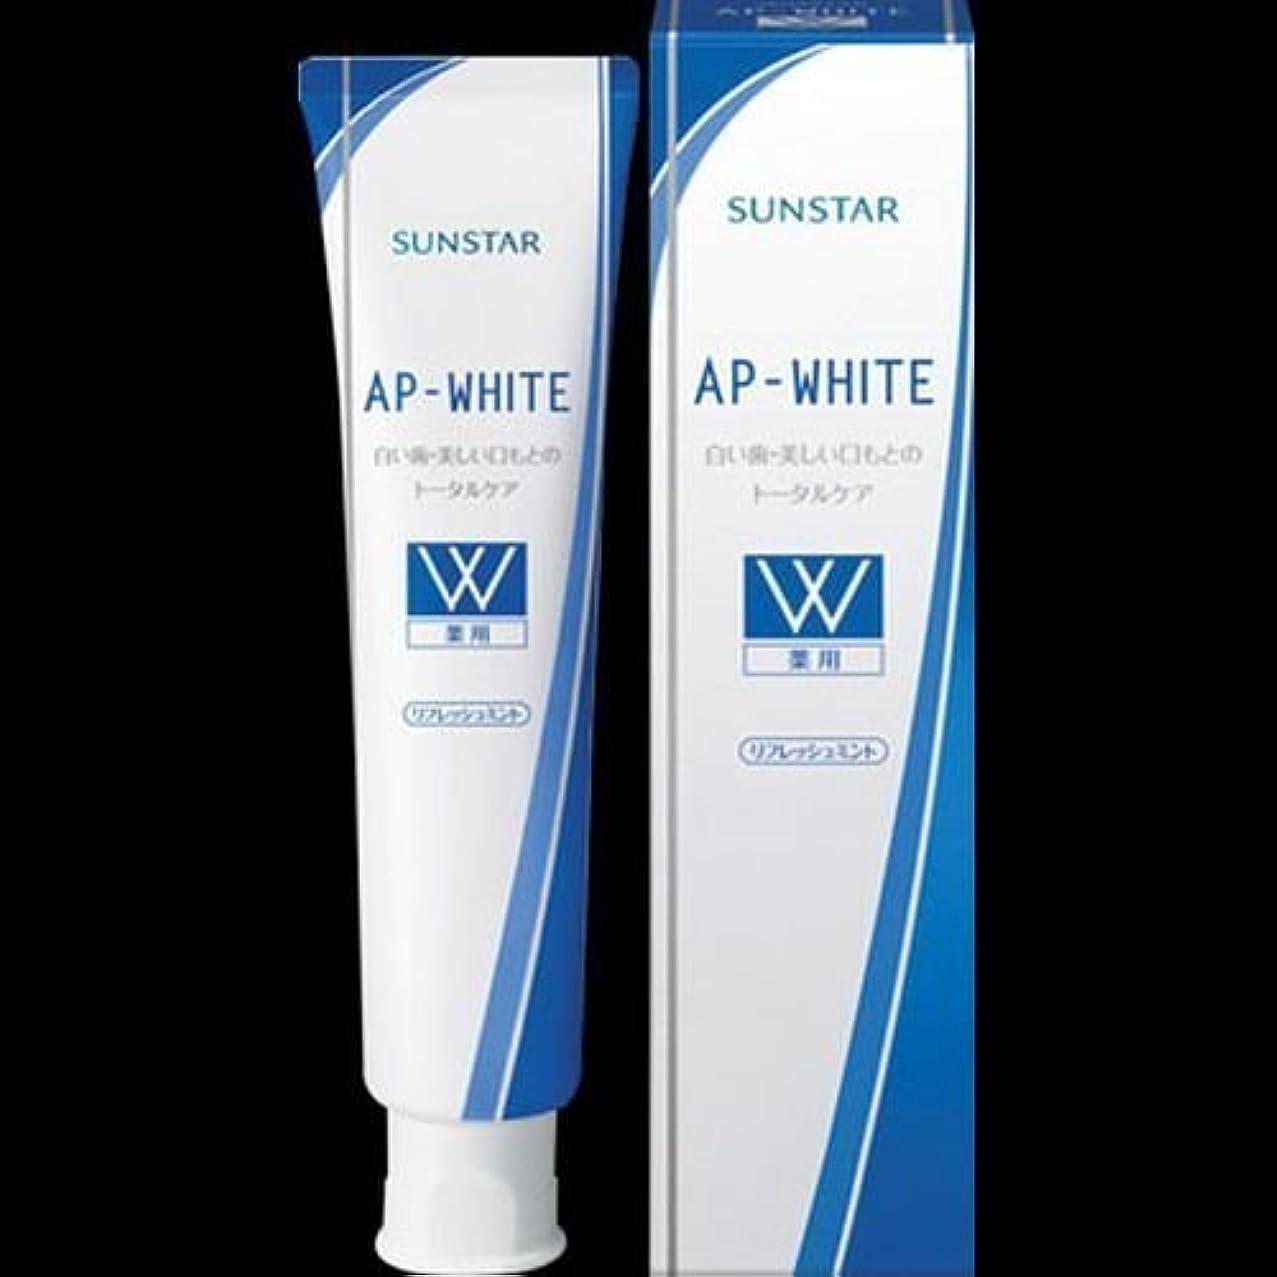 有益な統治可能アーティスト【まとめ買い】薬用APホワイトペースト リフレッシュミント 110g ×2セット